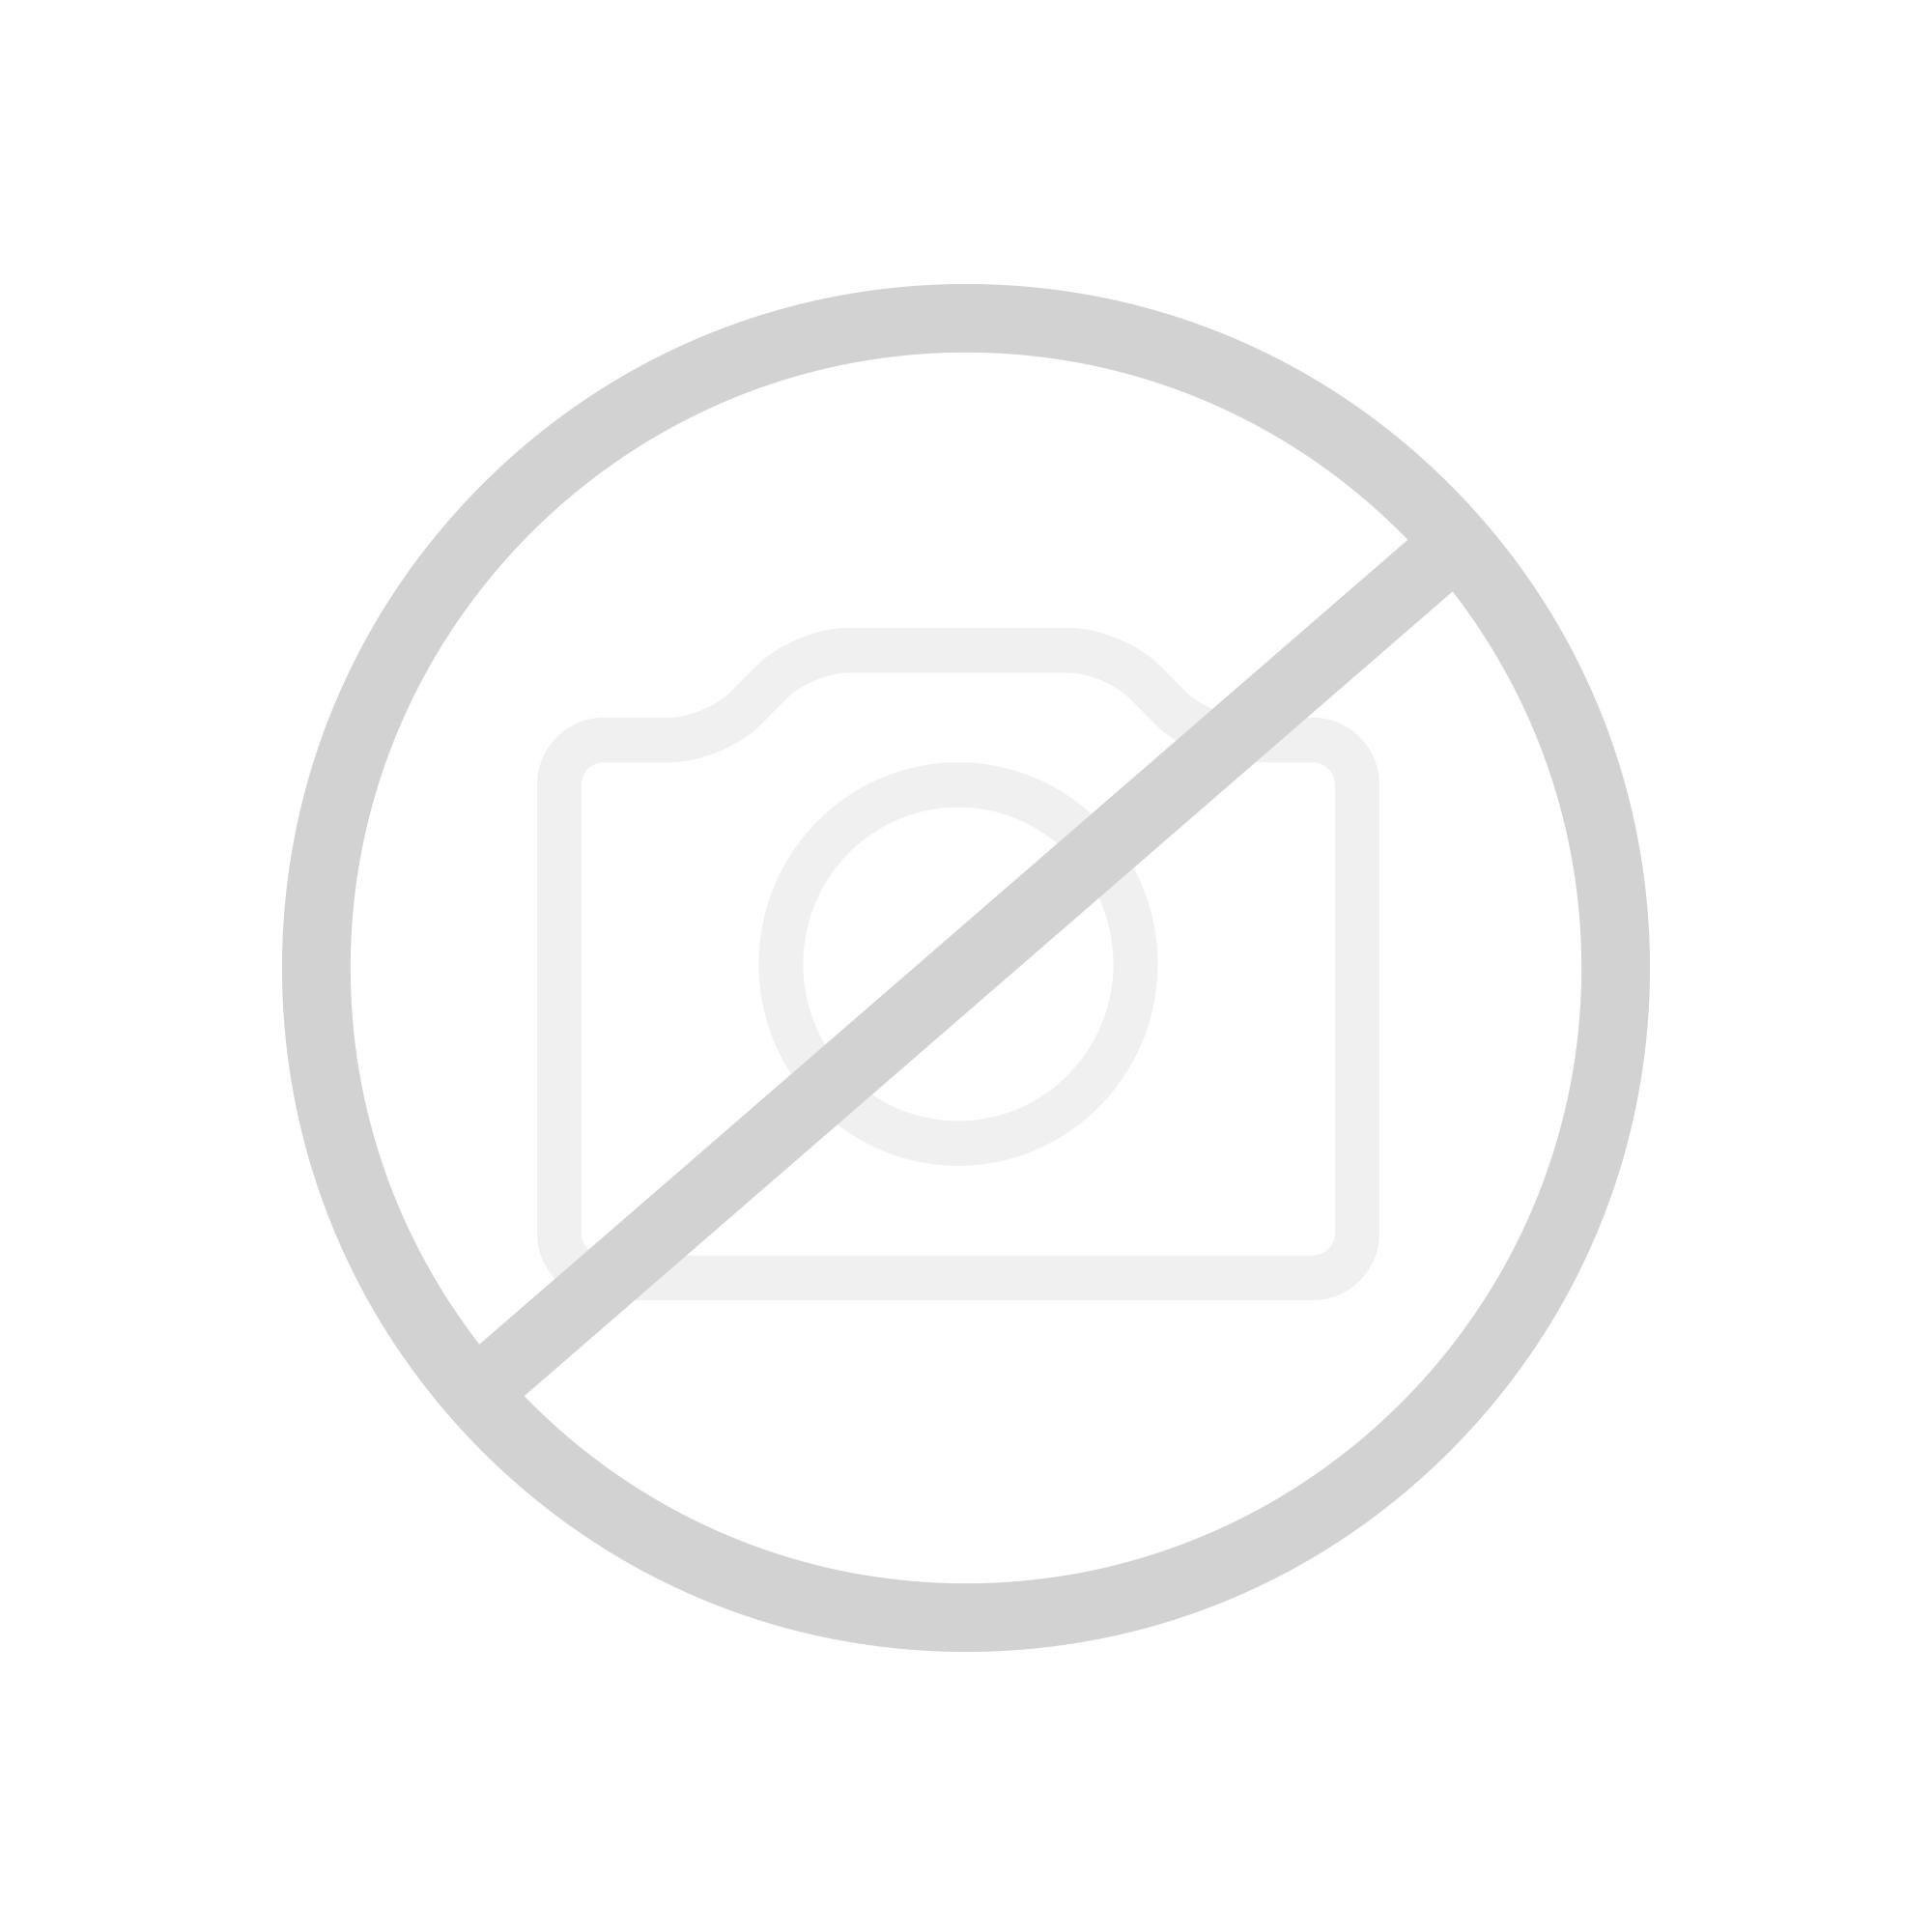 Kaldewei Dezent Opulenz Ambiente Kollektion Badewannengriff Typ B